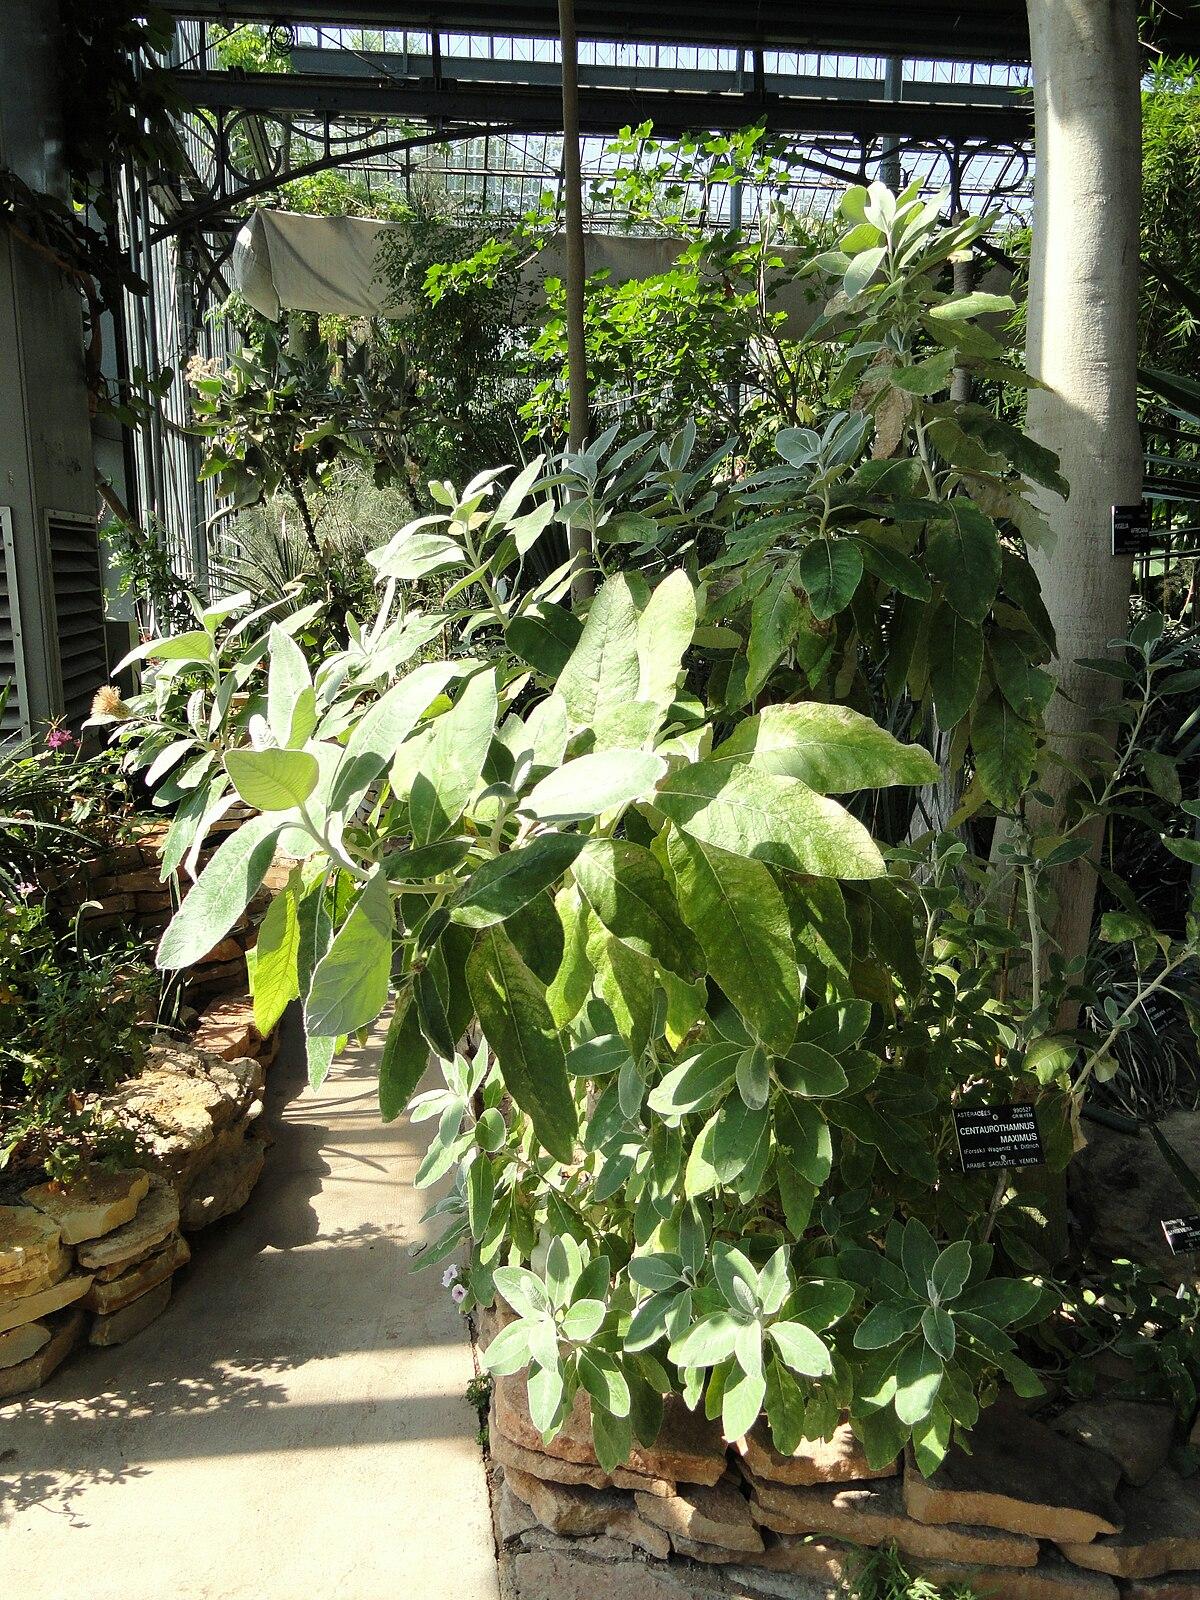 Centaurothamnus wikip dia a enciclop dia livre for Bal des citrouilles jardin botanique